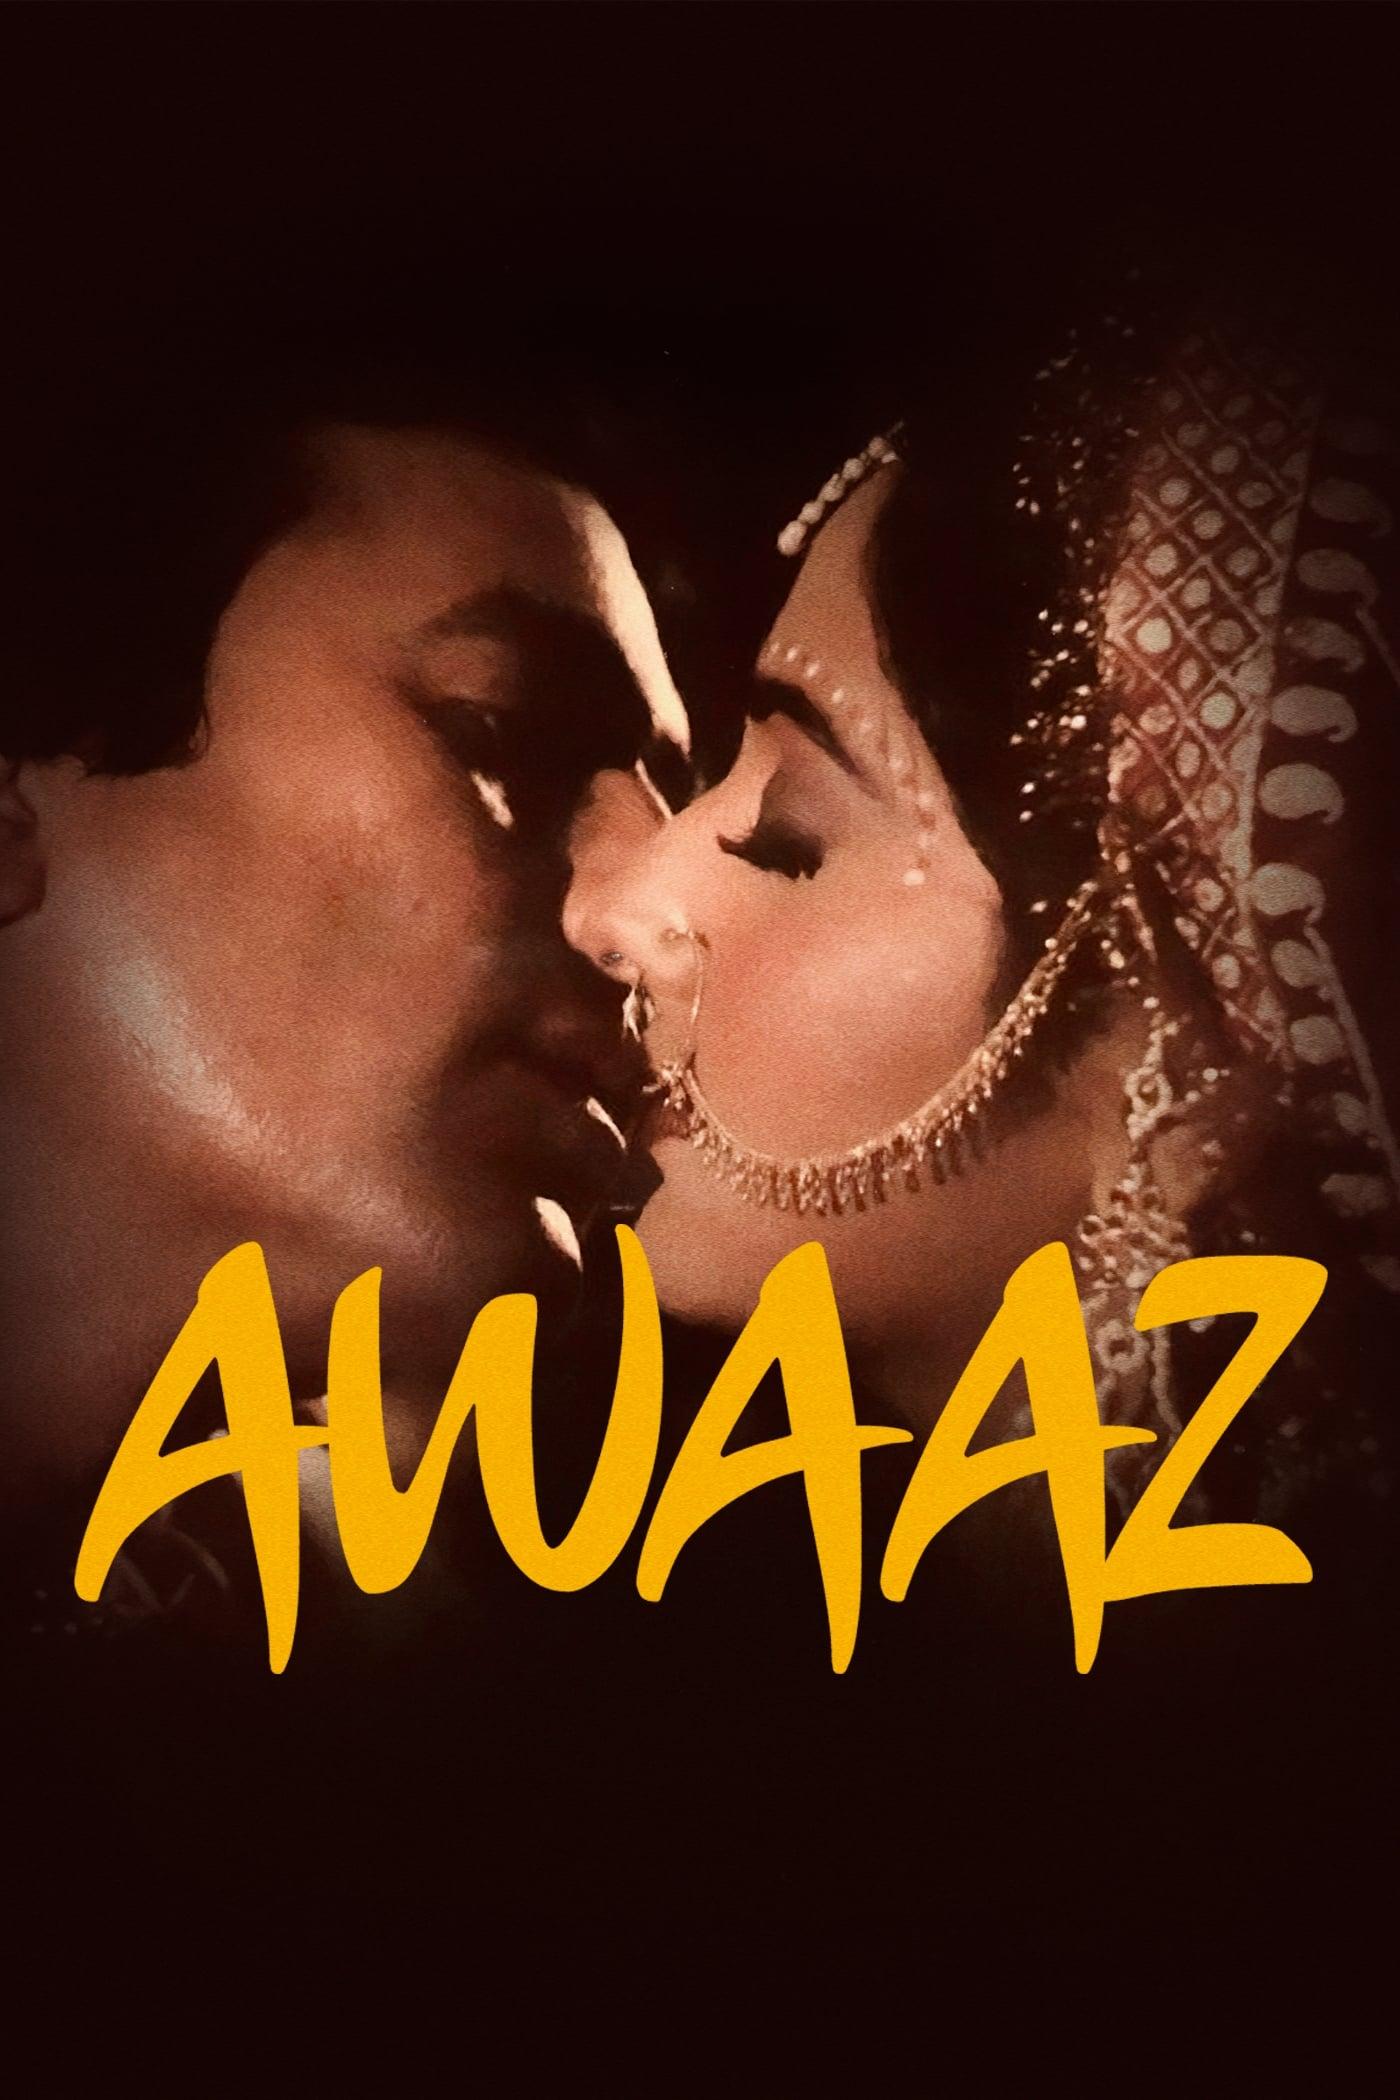 Awaaz on FREECABLE TV